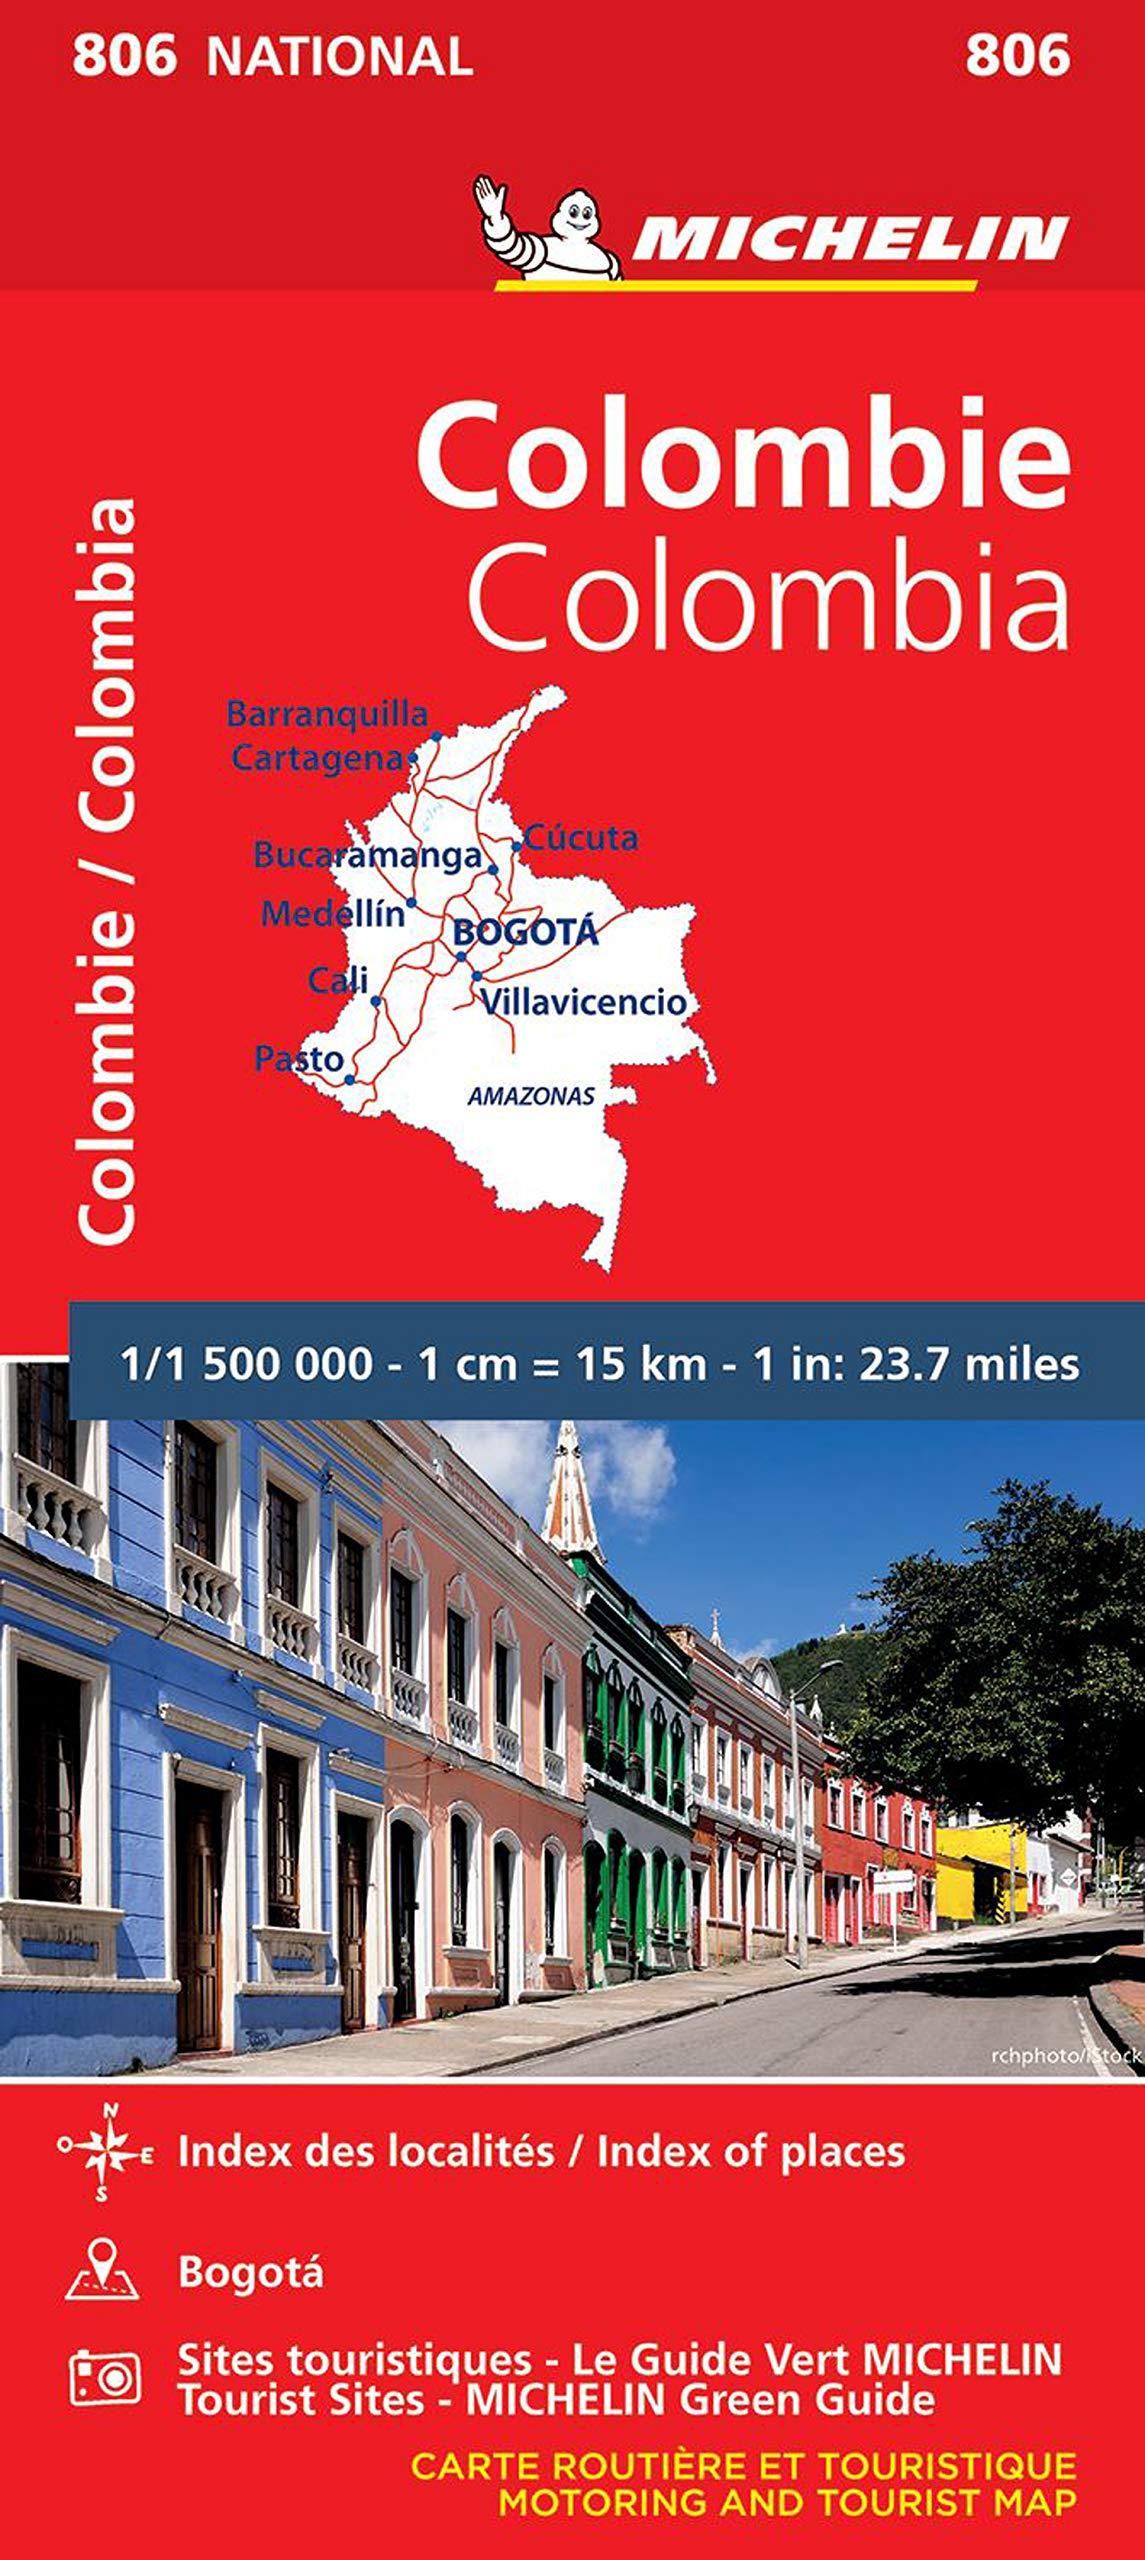 מפה MI קולומביה 806